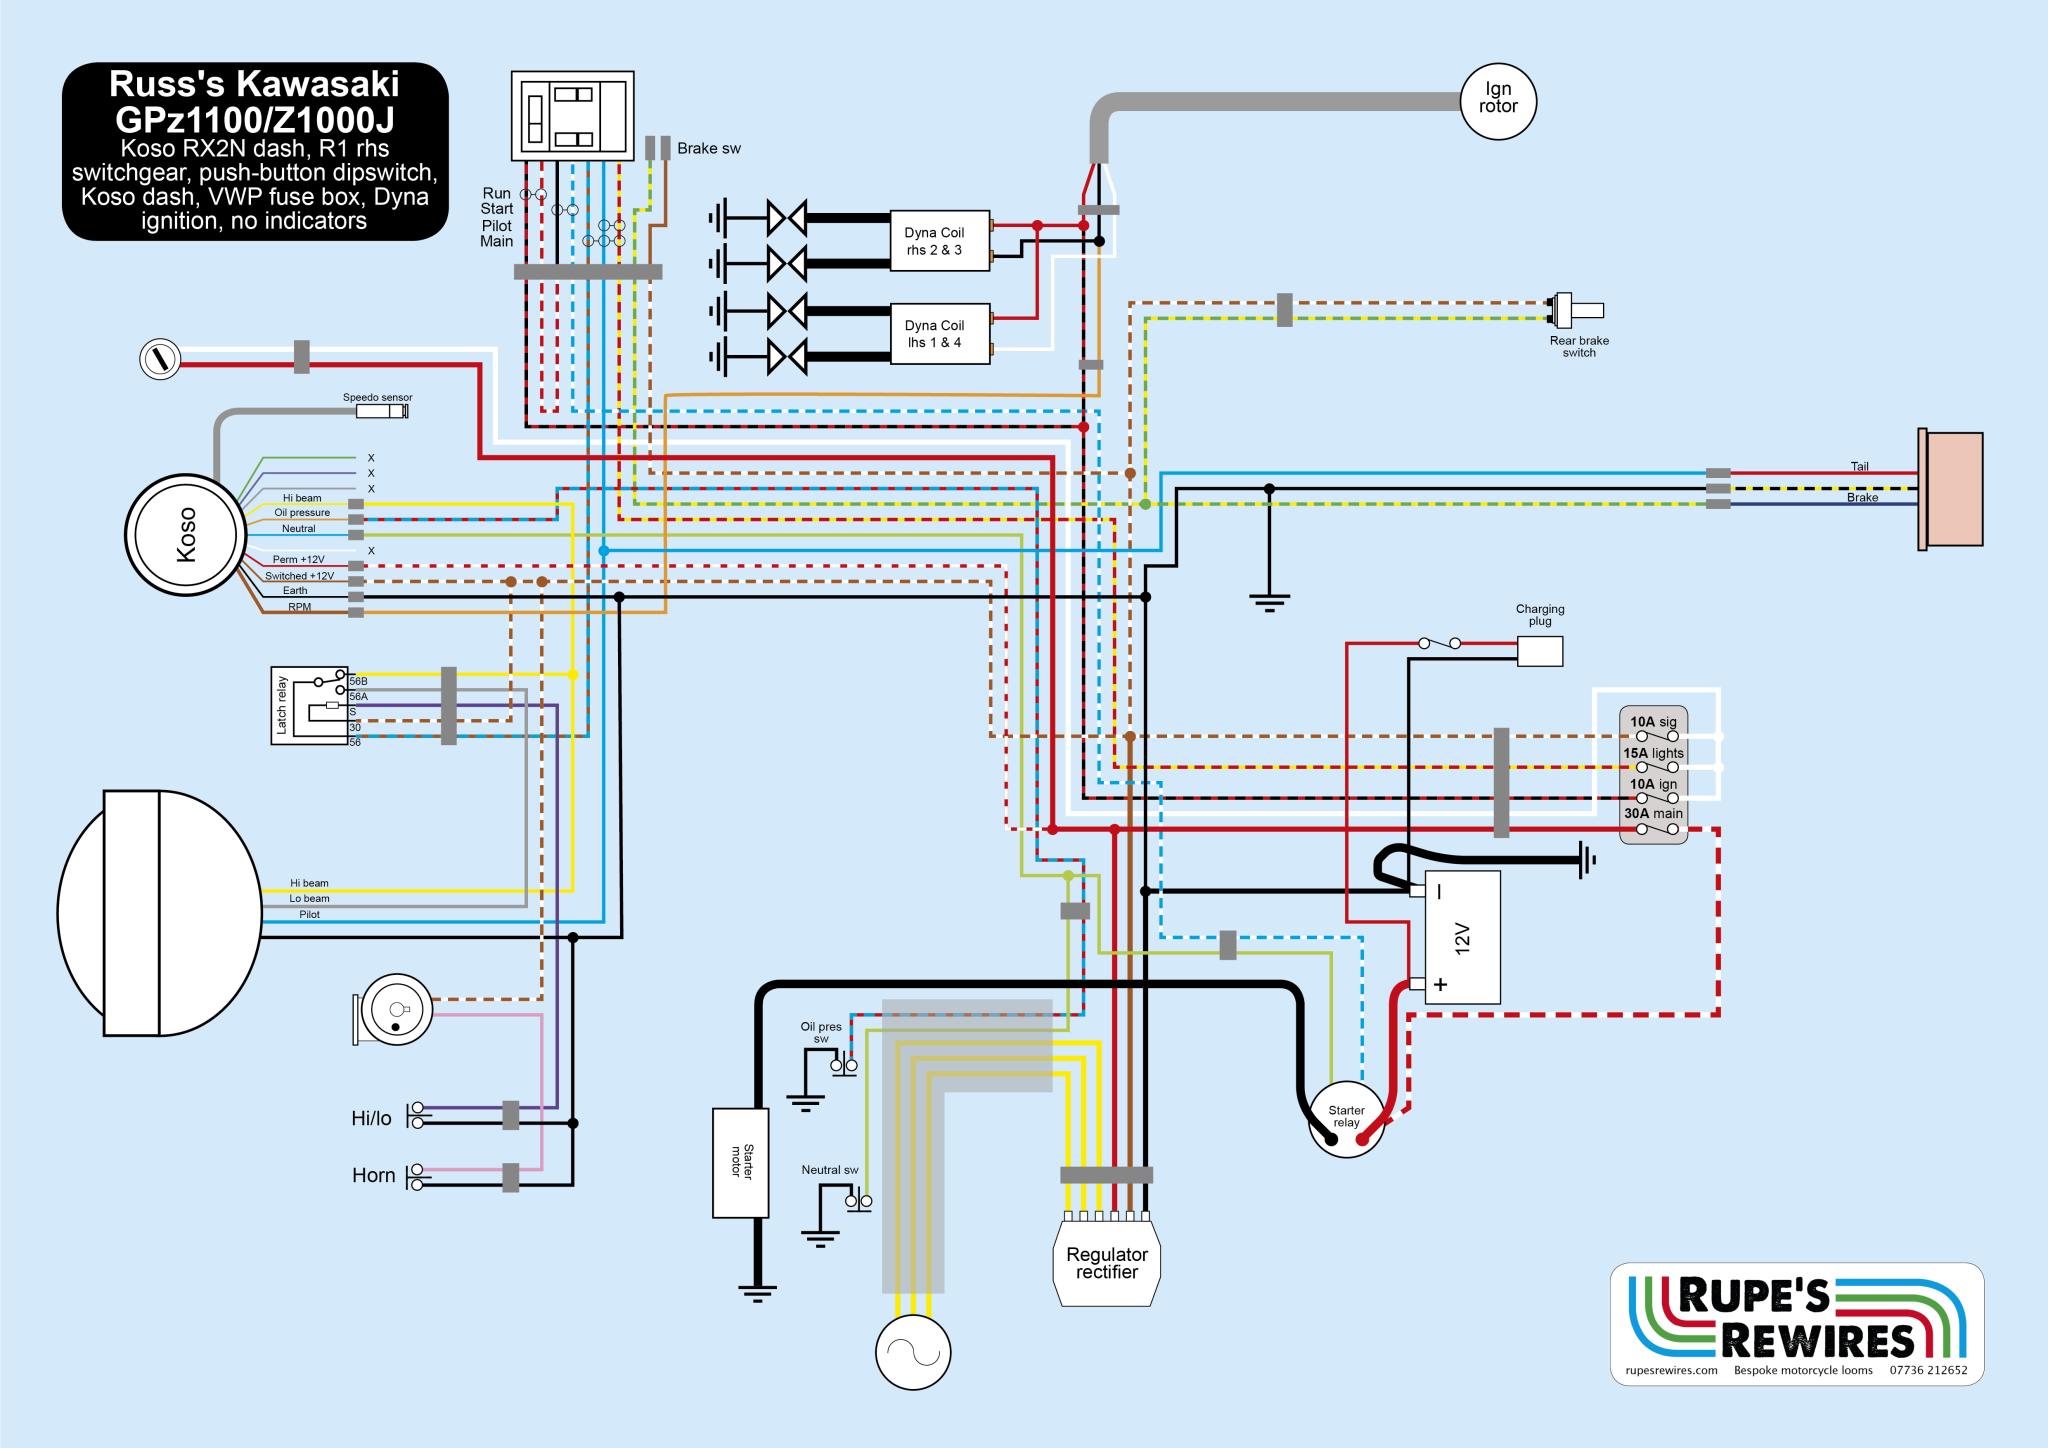 russ's z1100 lawson replica – rupe's rewires kawasaki z 1100 wiring diagram 1978 kz650 kz650 wiring diagram rupe's rewires